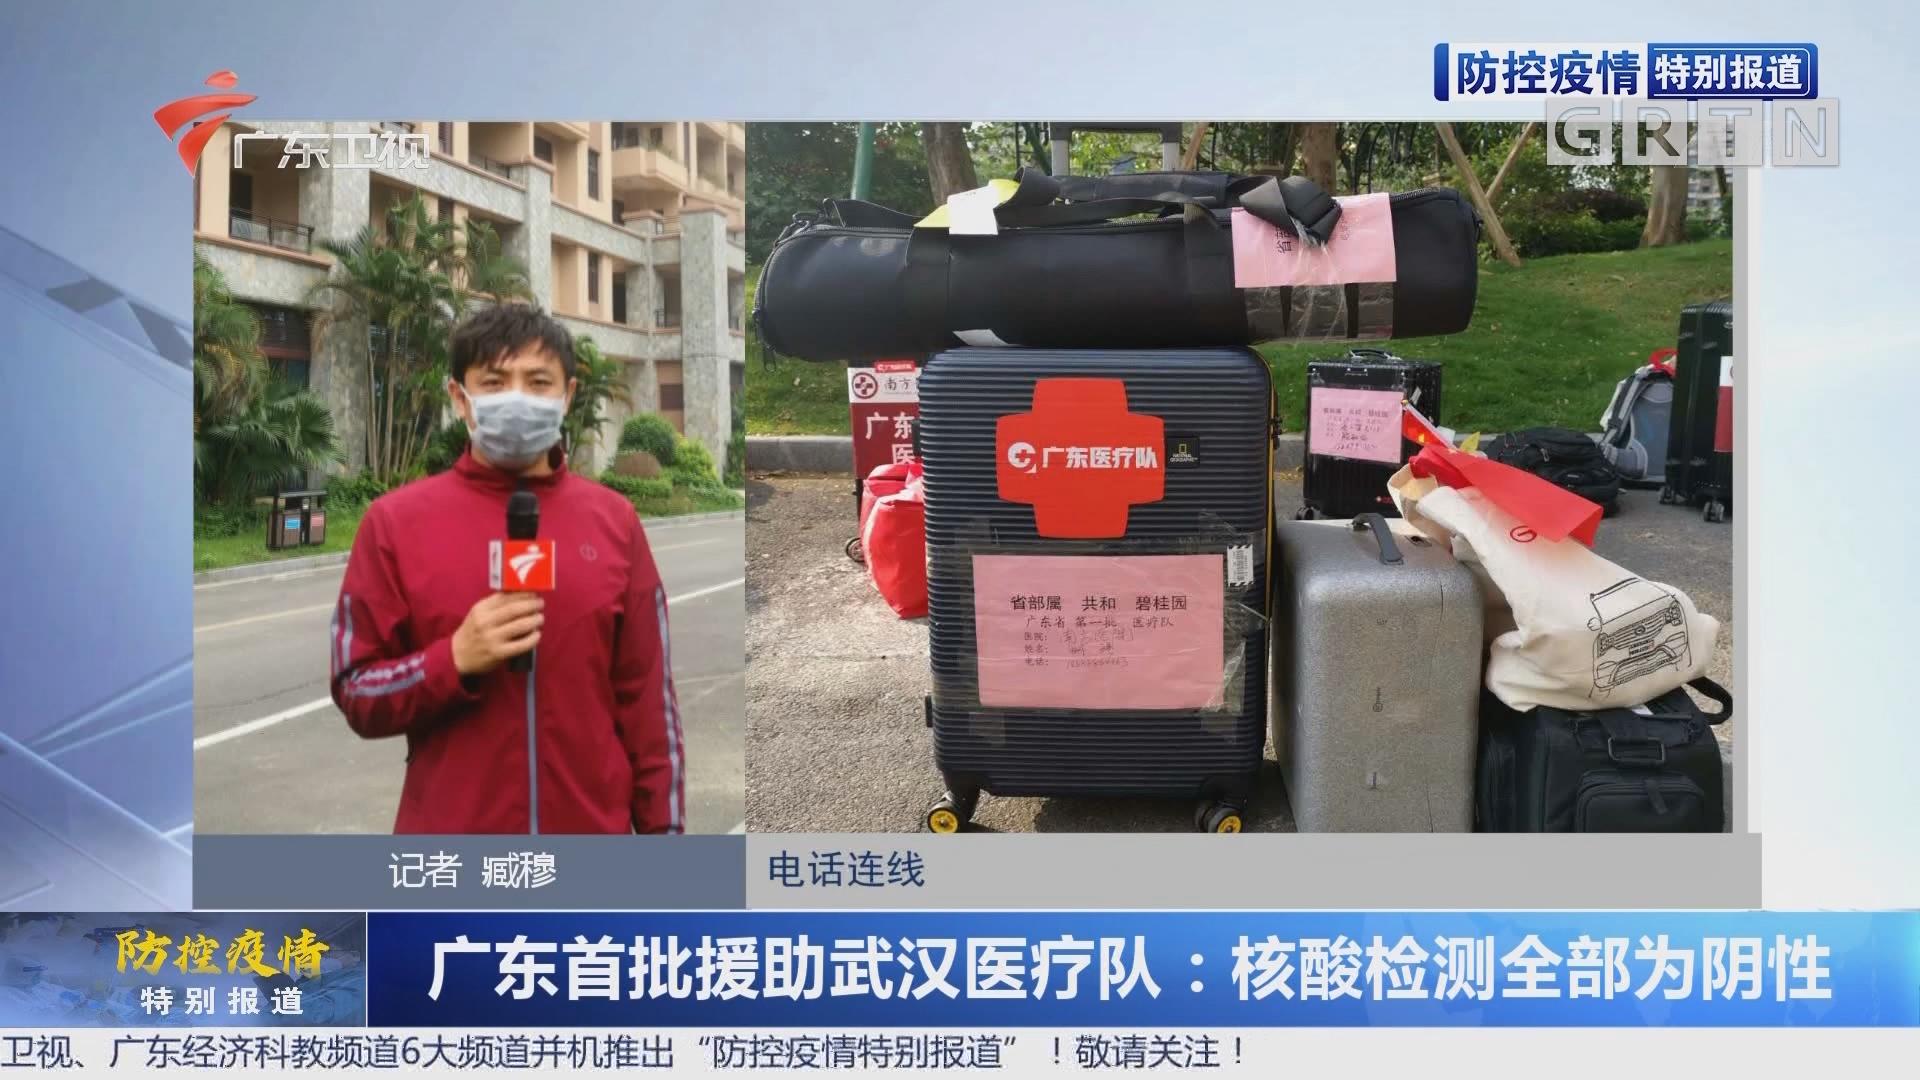 广东首批援助武汉医疗队:核酸检测全部为阴性